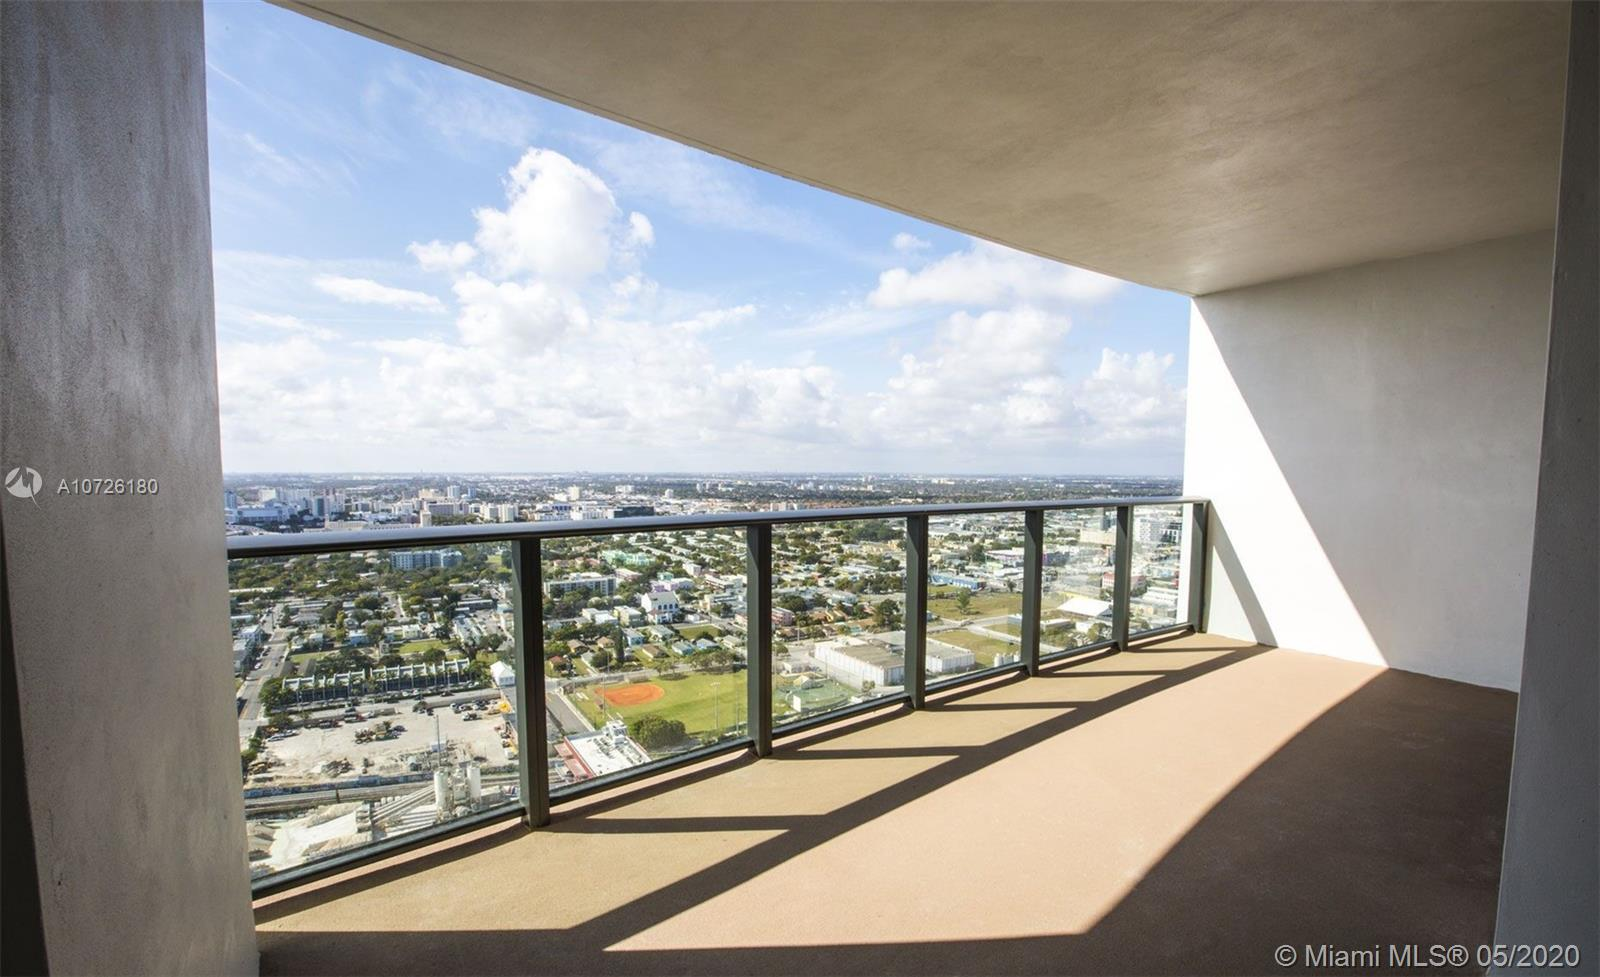 Canvas #2412 - 1600 NE 1ST AVENUE #2412, Miami, FL 33132